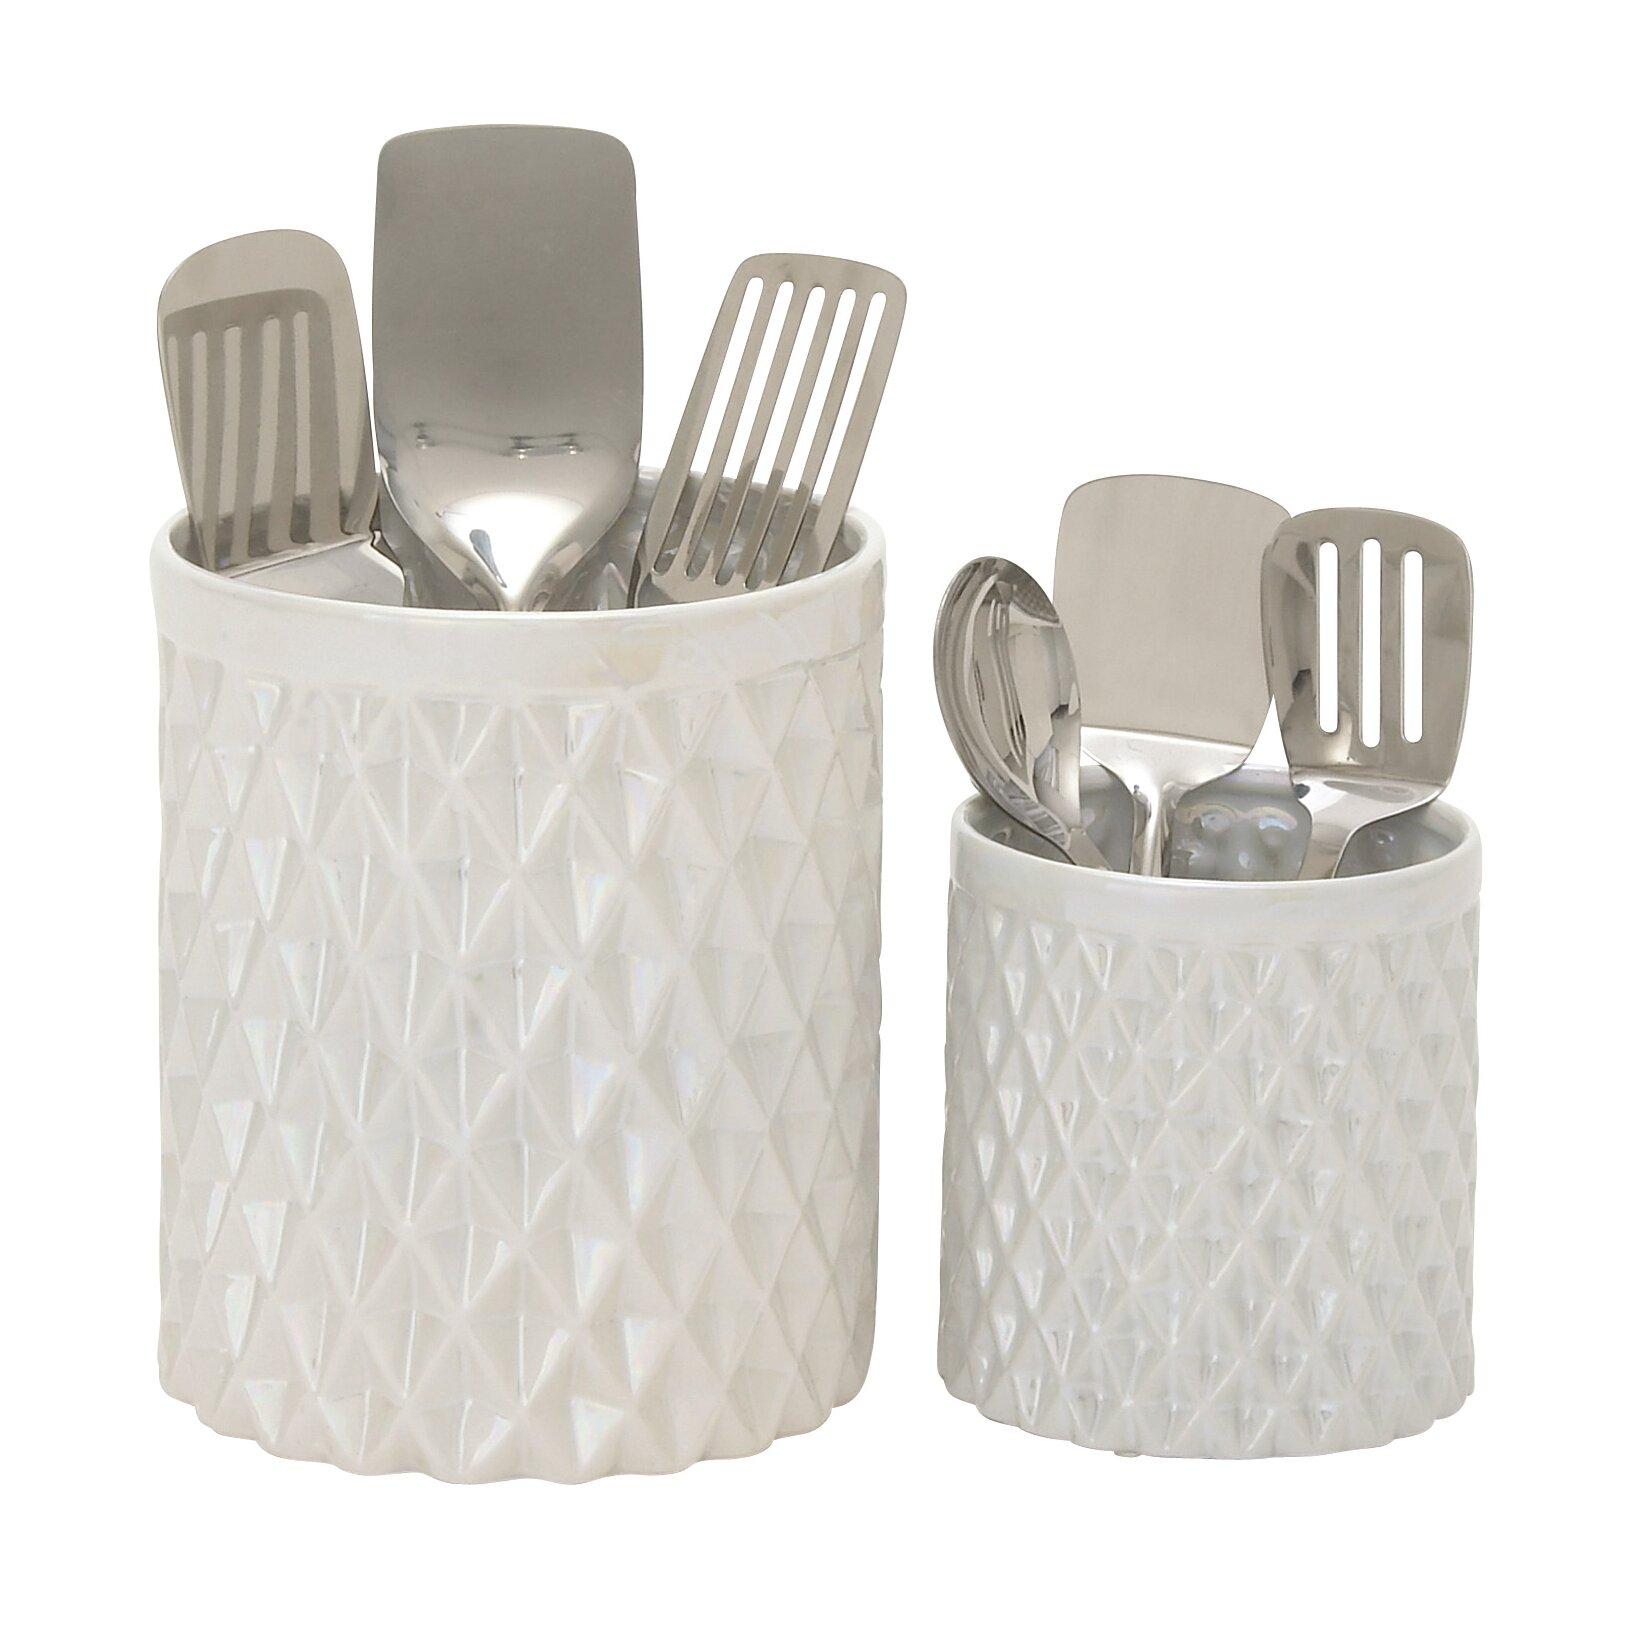 Kitchen Utensil Holder Woodland Imports 2 Piece Kitchen Utensil Holder Set Reviews